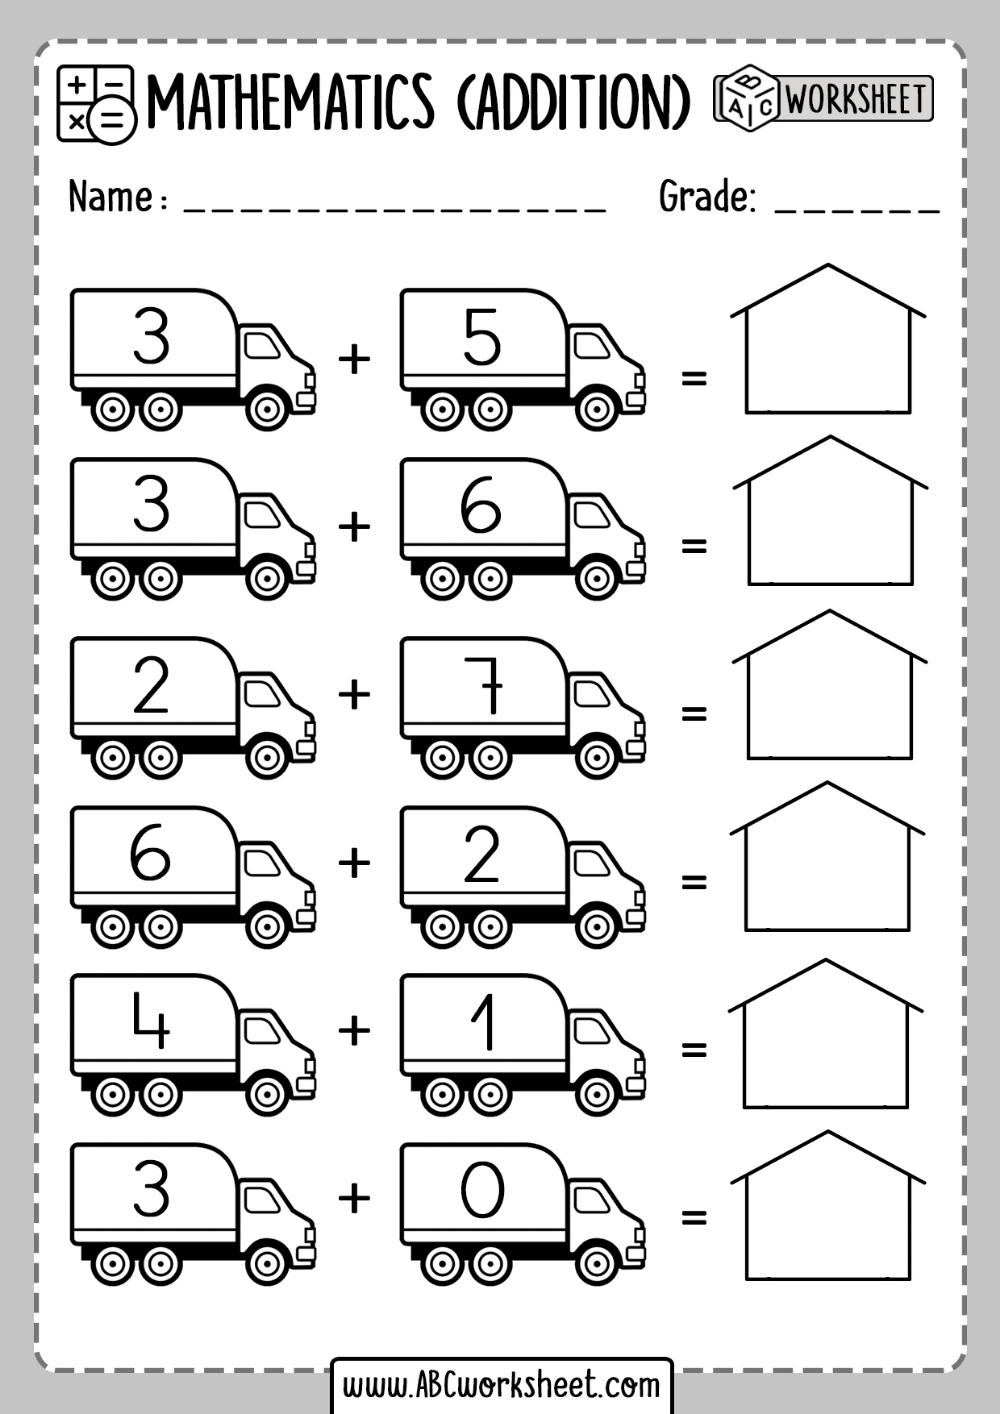 Free Addition Worksheets   Kindergarten math worksheets addition [ 1414 x 1000 Pixel ]